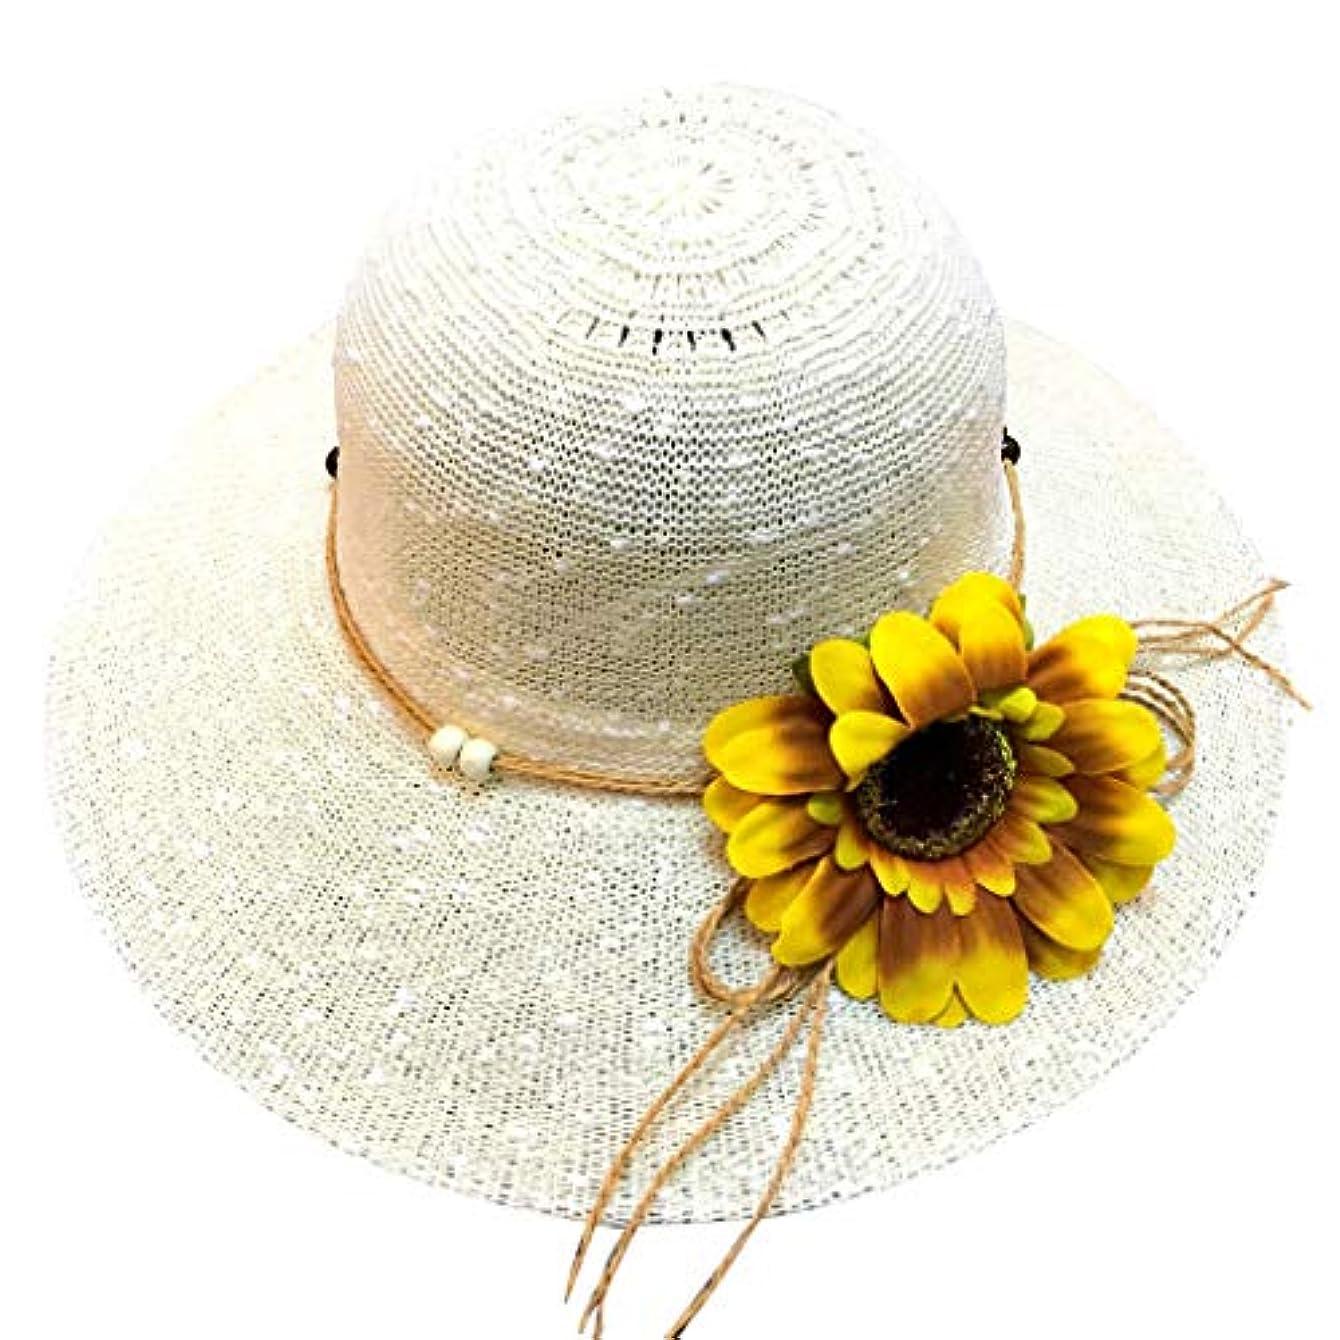 休眠名前を作るロータリー帽子 レディース アウトドア 夏 春 UVカット 帽子 ハット 漁師帽 日焼け防止 つば広 紫外線対策 大きいサイズ ひまわり 可愛い ハット 旅行用 日よけ 夏季 ビーチ 無地 ハット レディース 女性 ROSE ROMAN